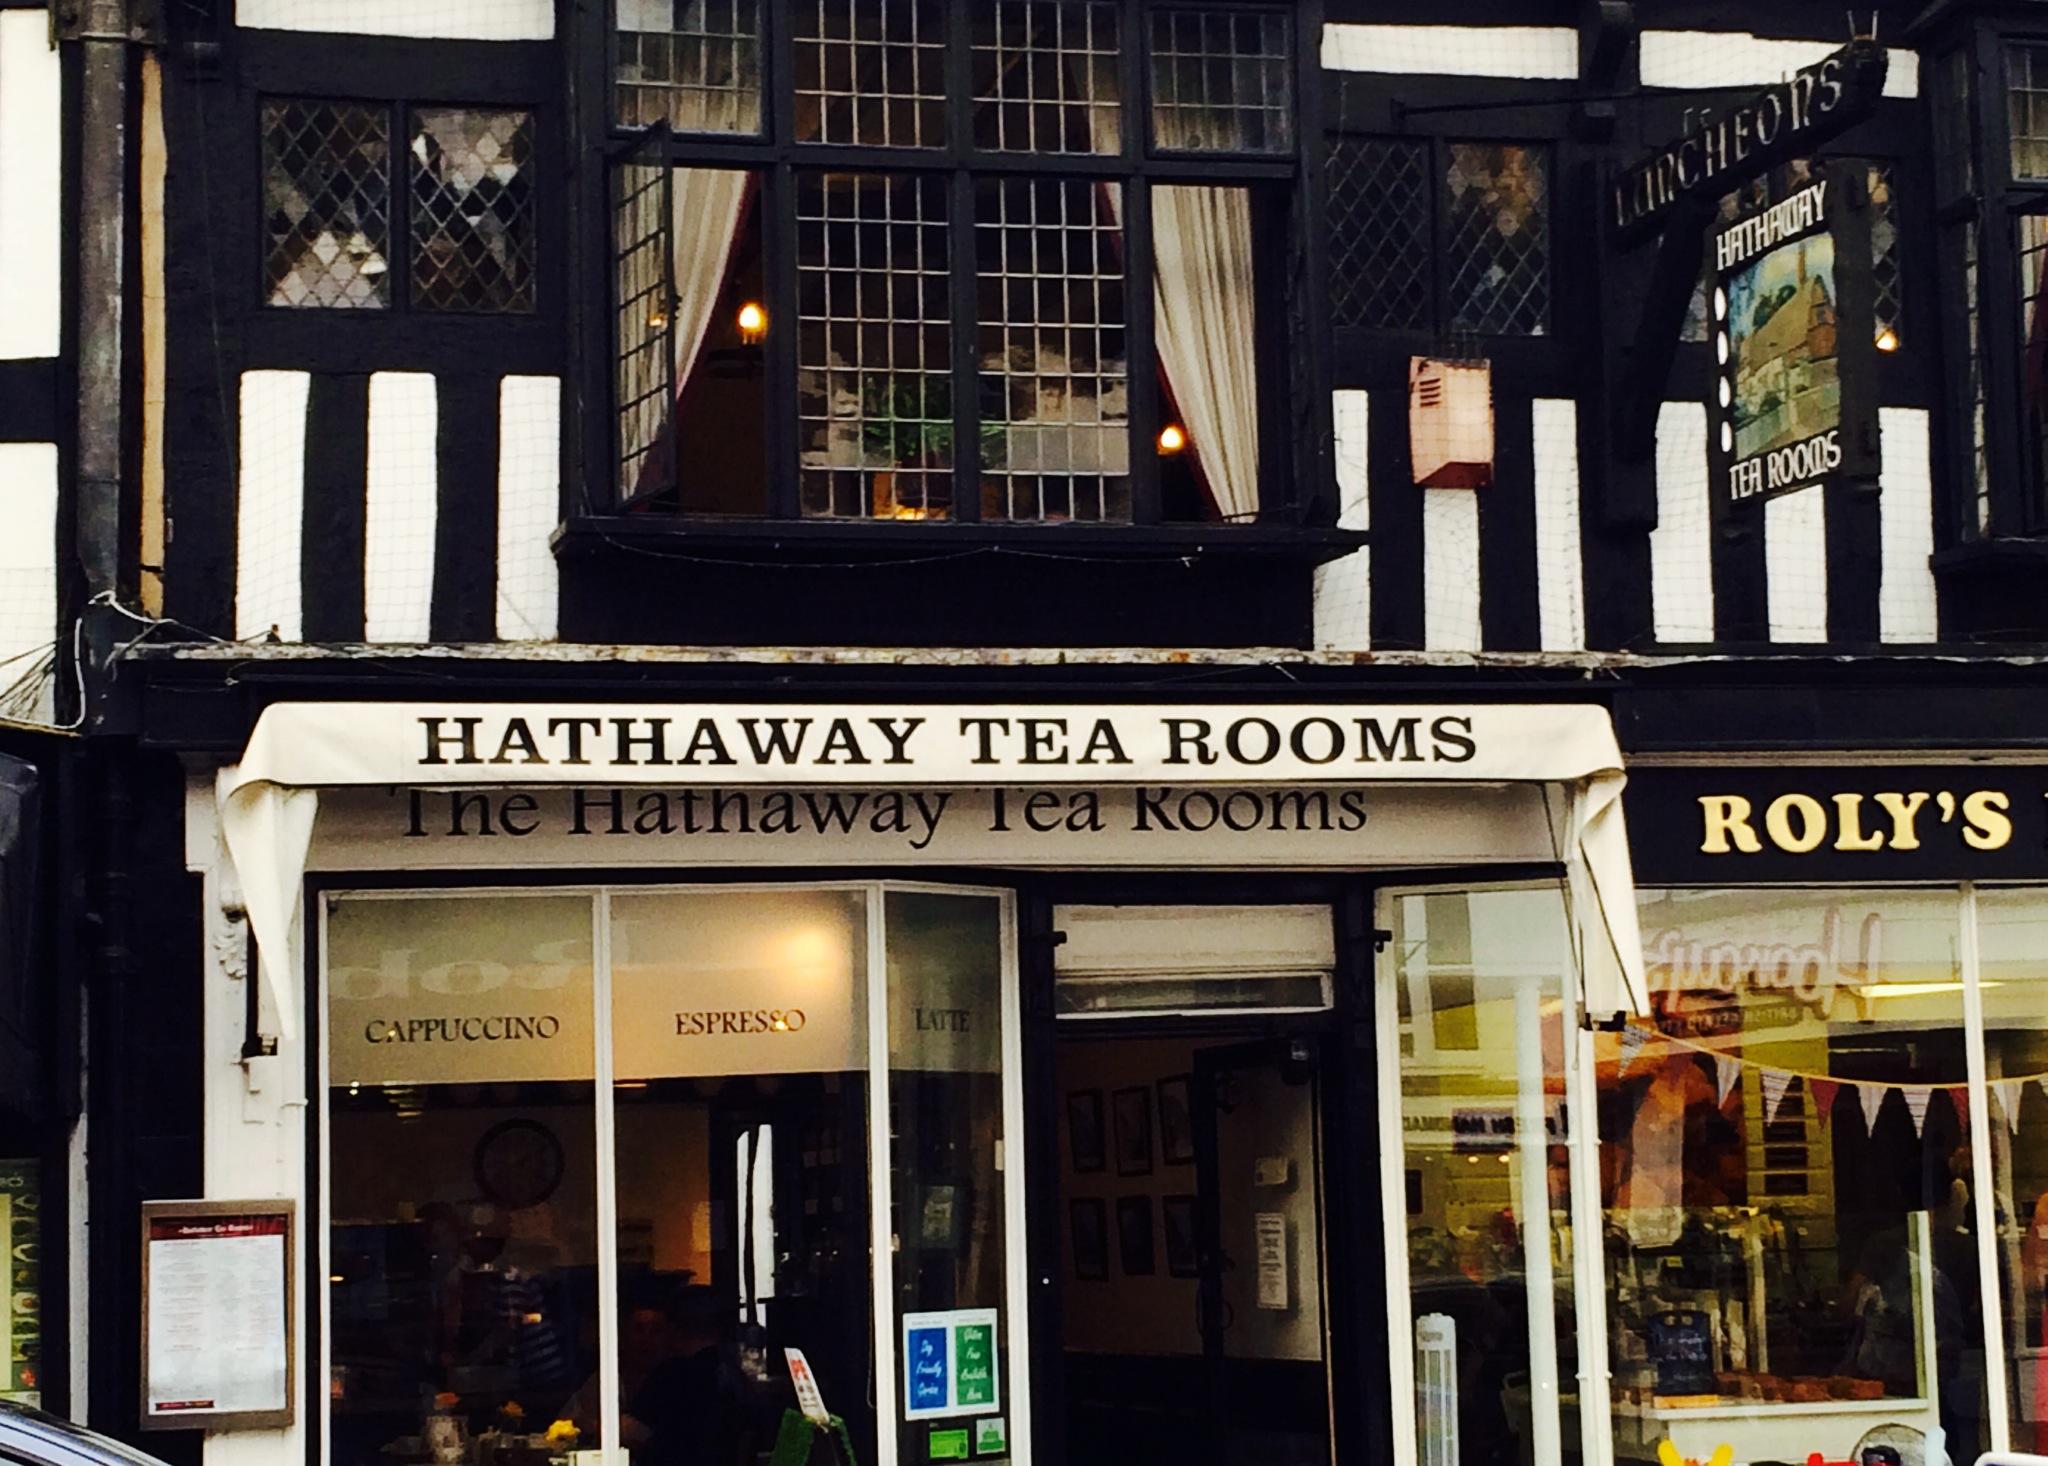 hathaway tea rooms scones